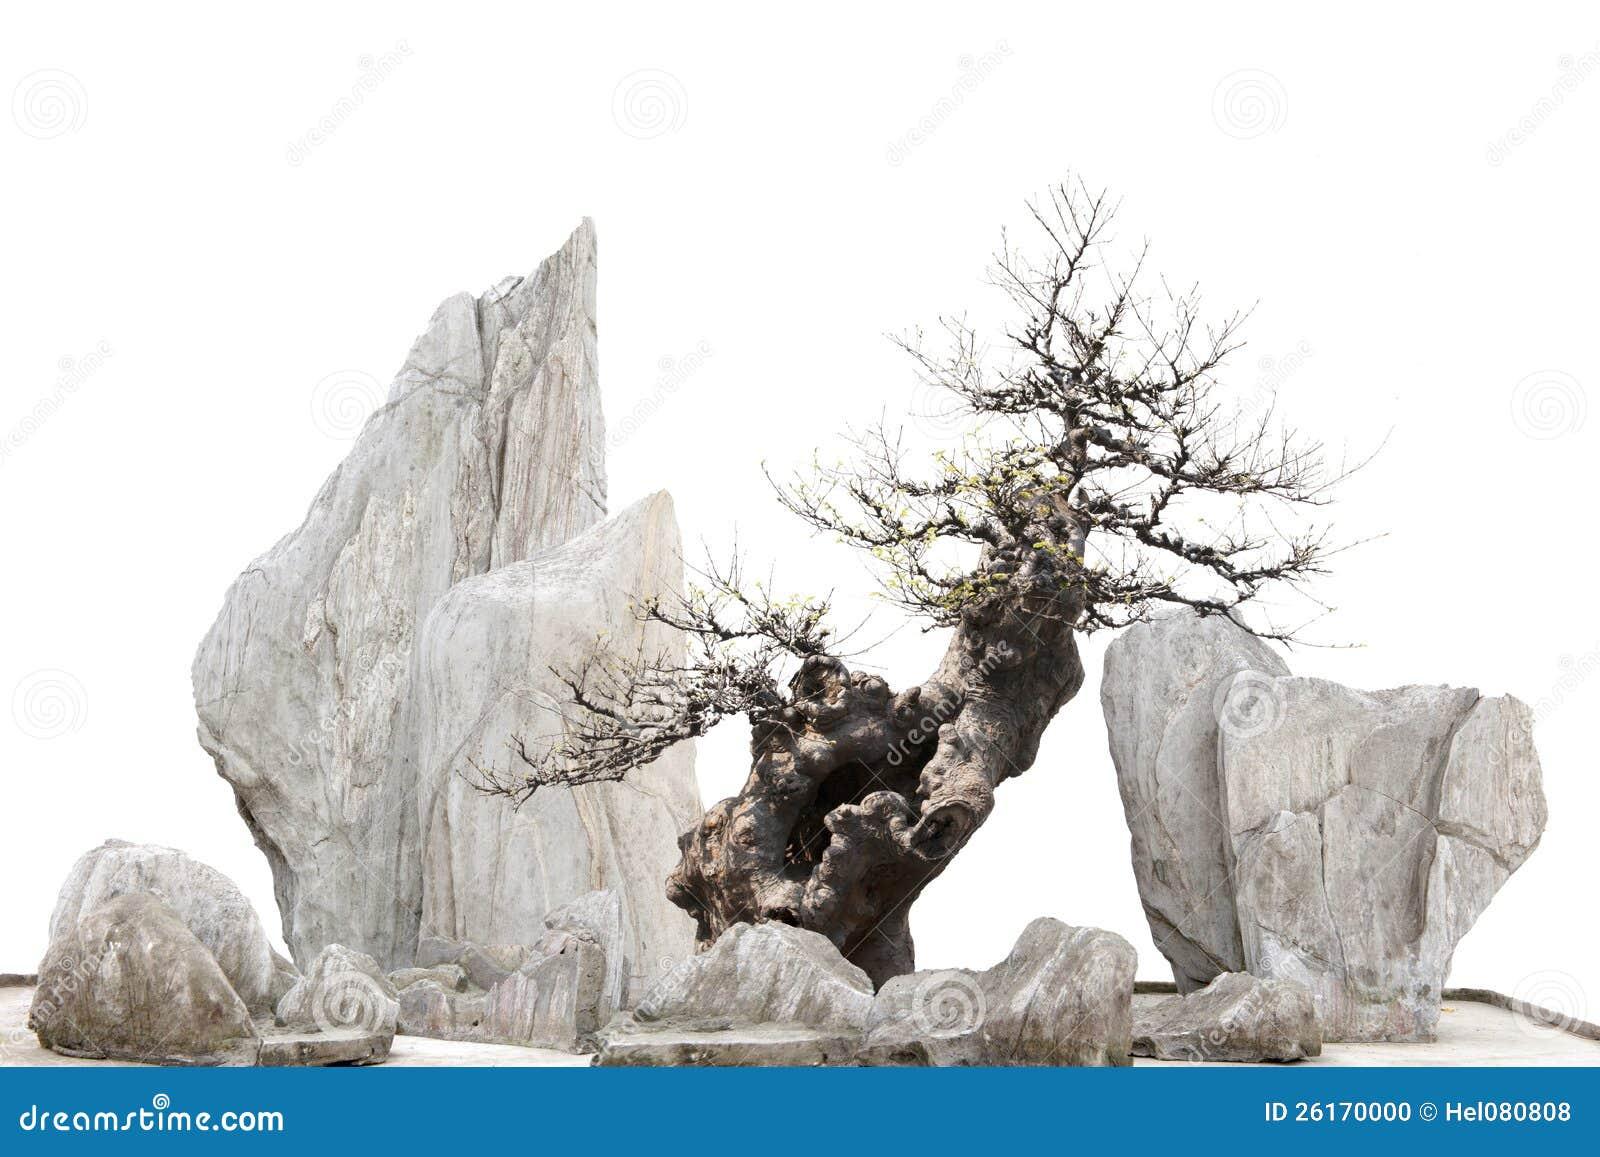 chinesisch japanischer bonsi baum und steine stockfoto. Black Bedroom Furniture Sets. Home Design Ideas